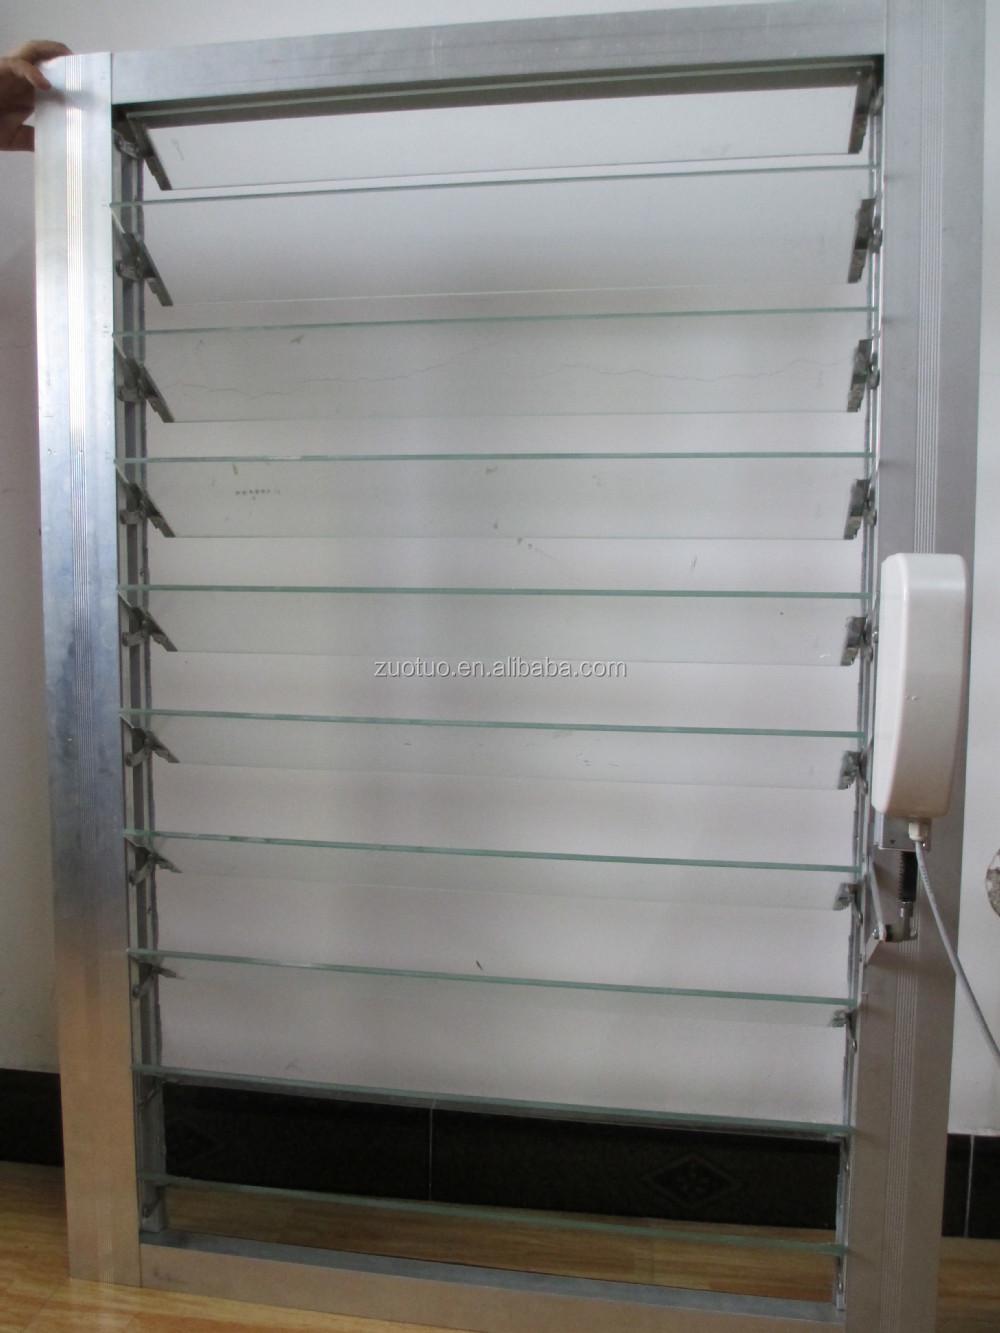 Alta calidad muebles de cristal persiana vidrio persianas for Ventanas con persianas incorporadas